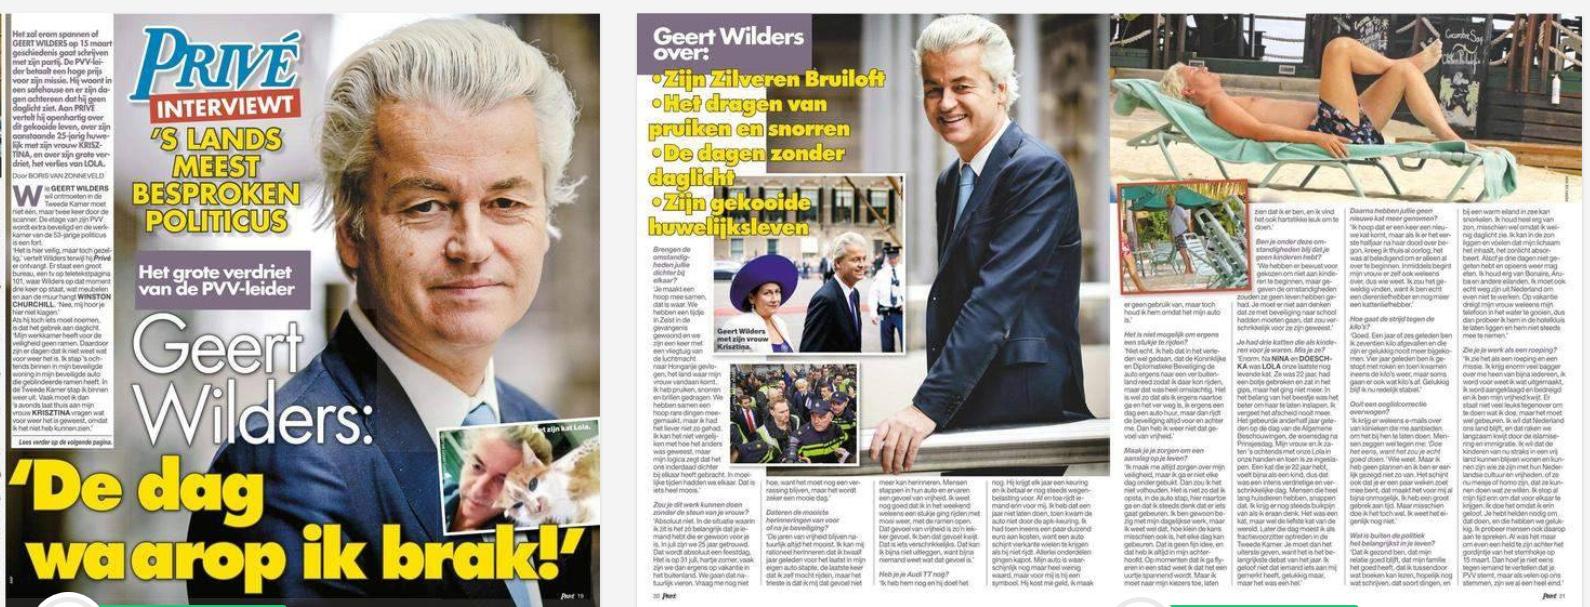 Boris van Zonneveld interview Geert Wilders